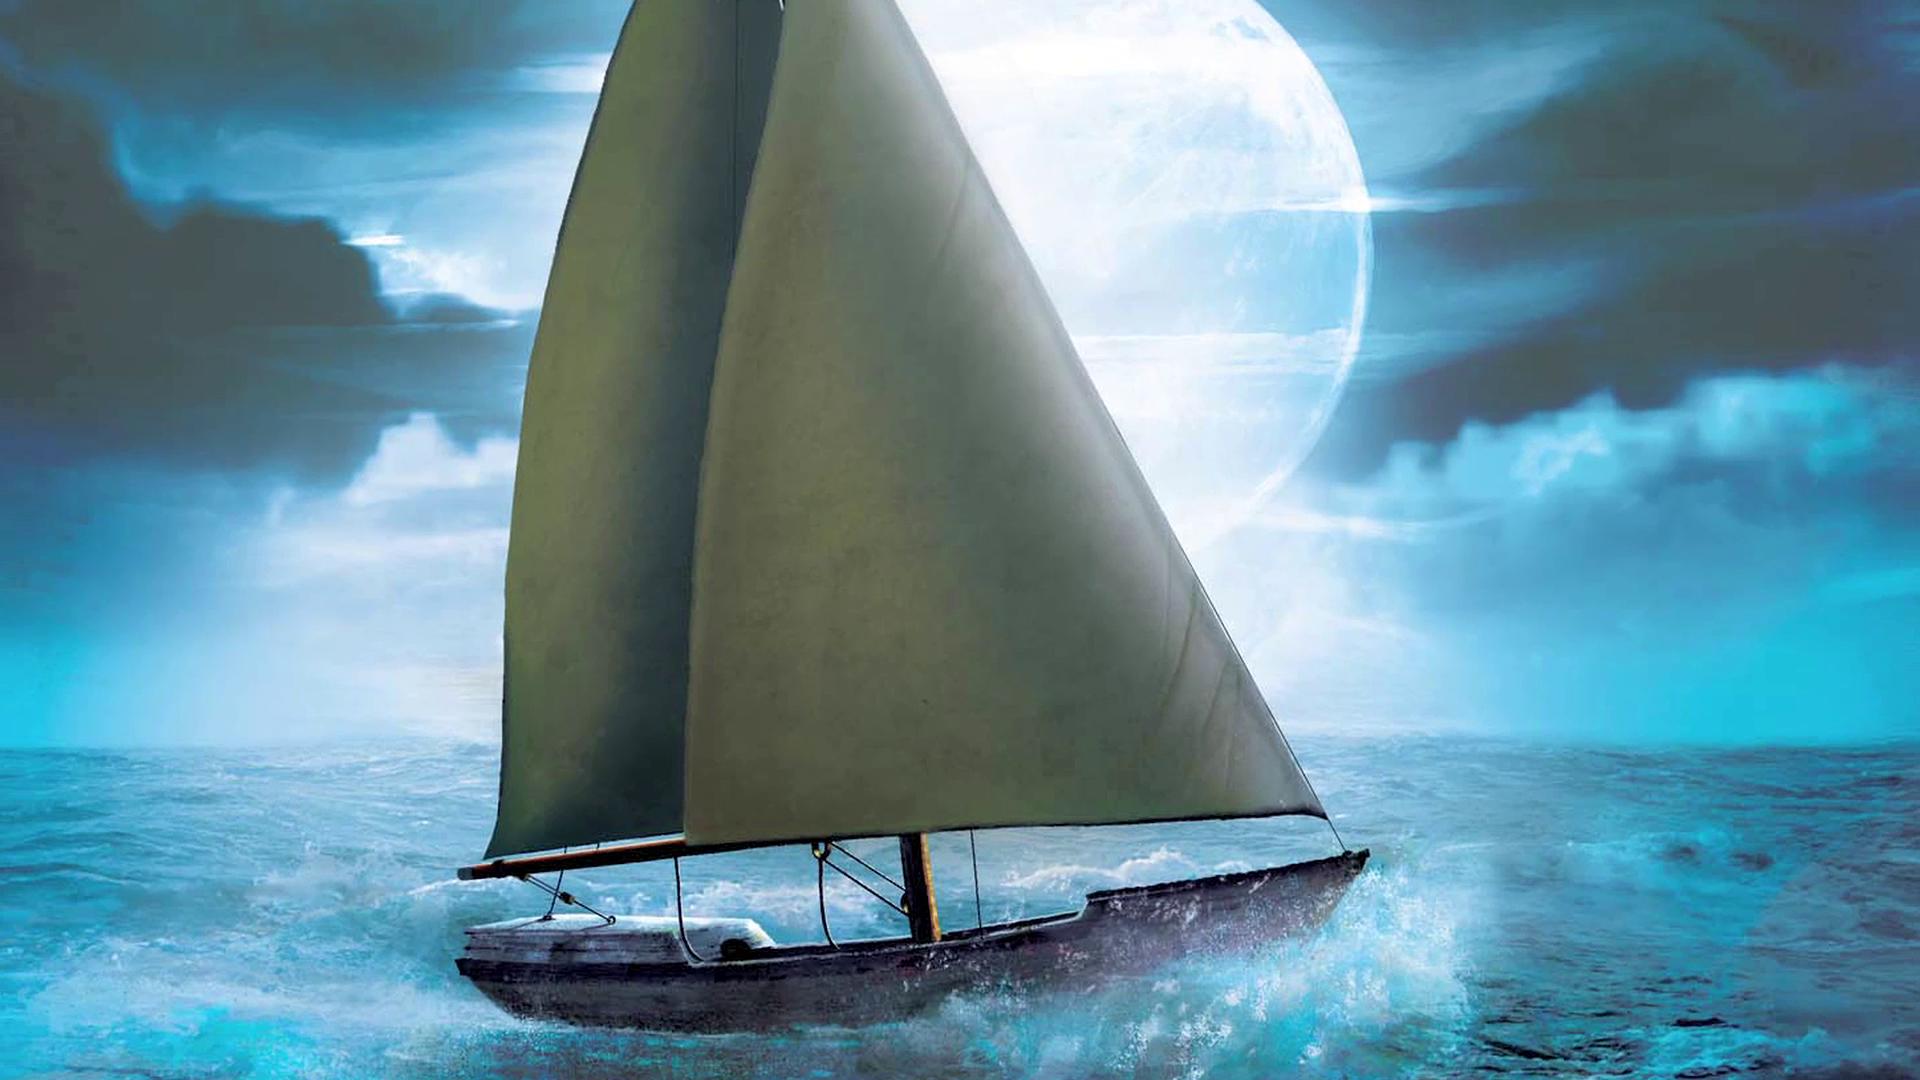 Ursula Le Guin & the map of Earthsea